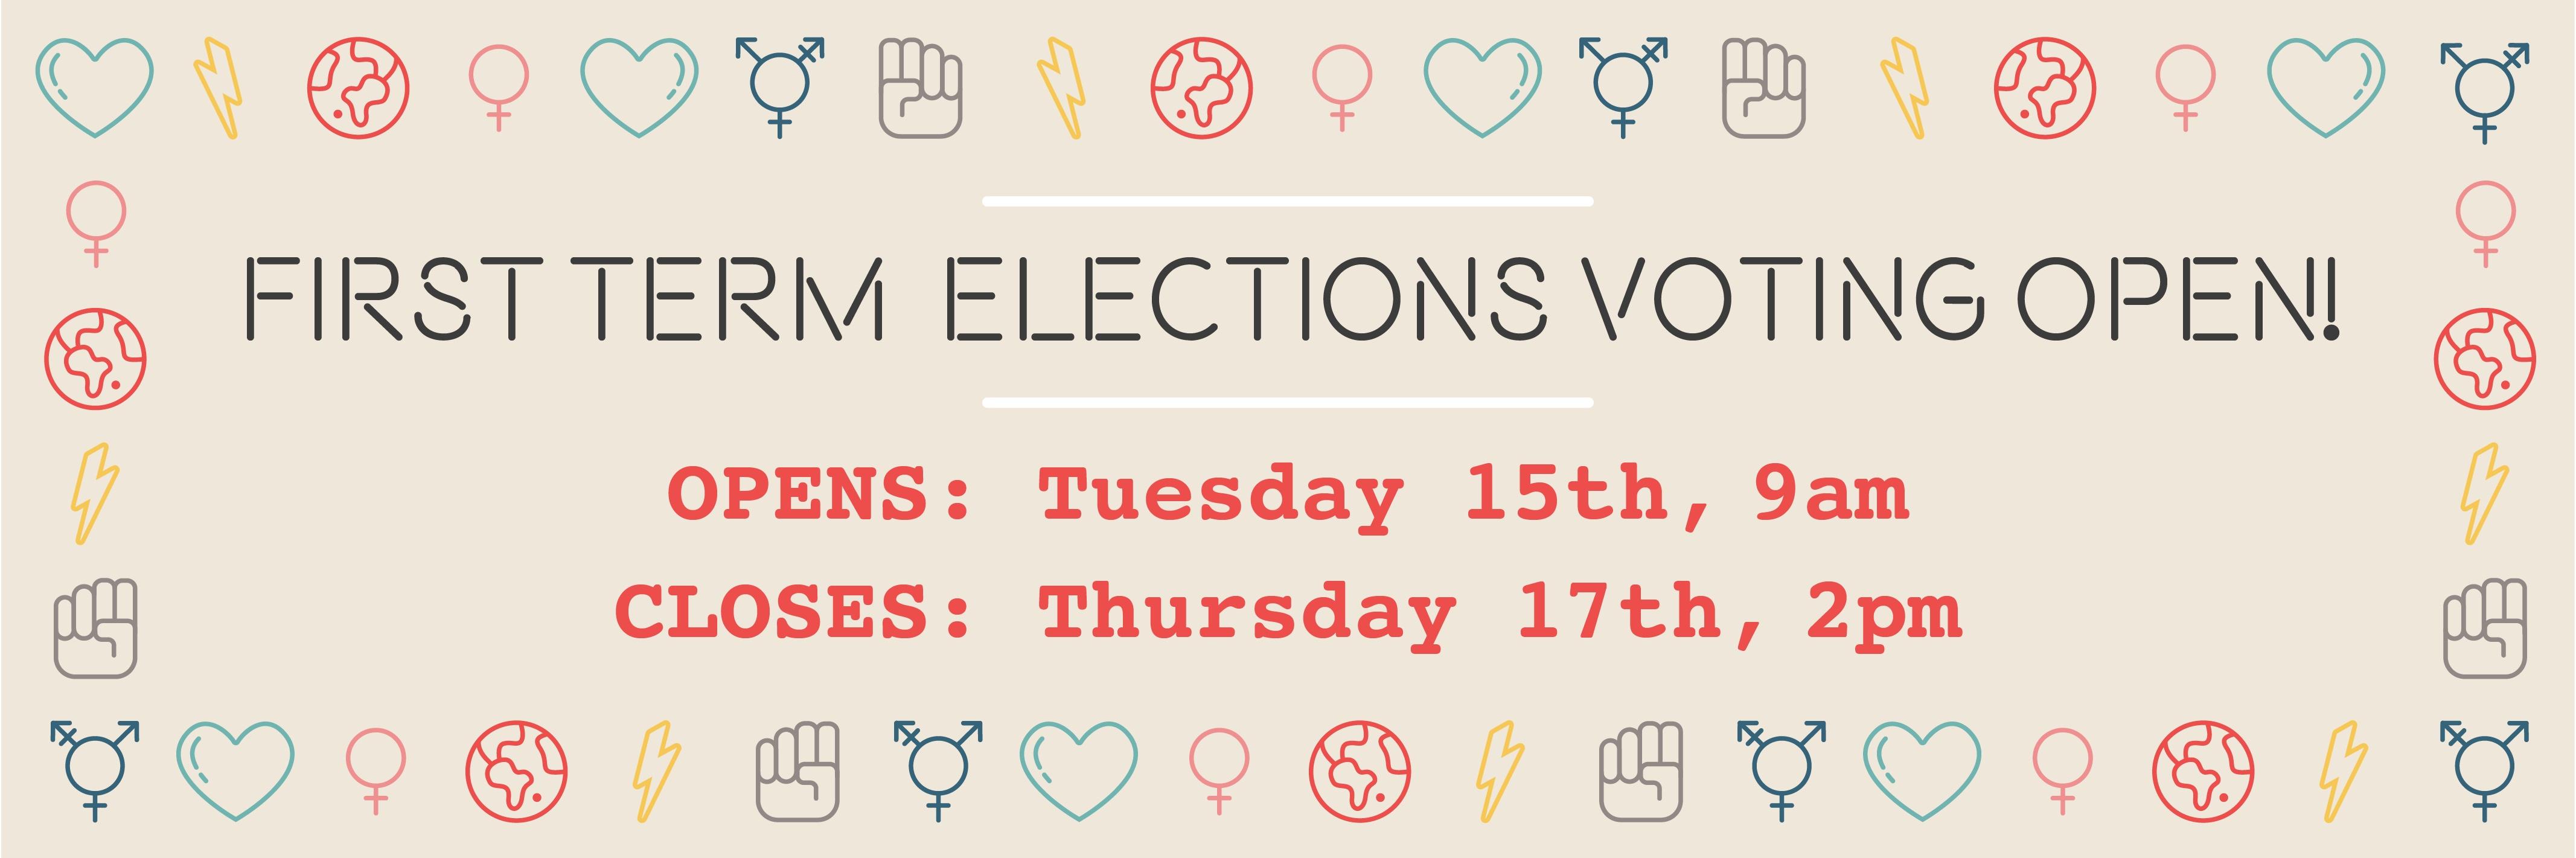 Pt elections voting open website banner 02